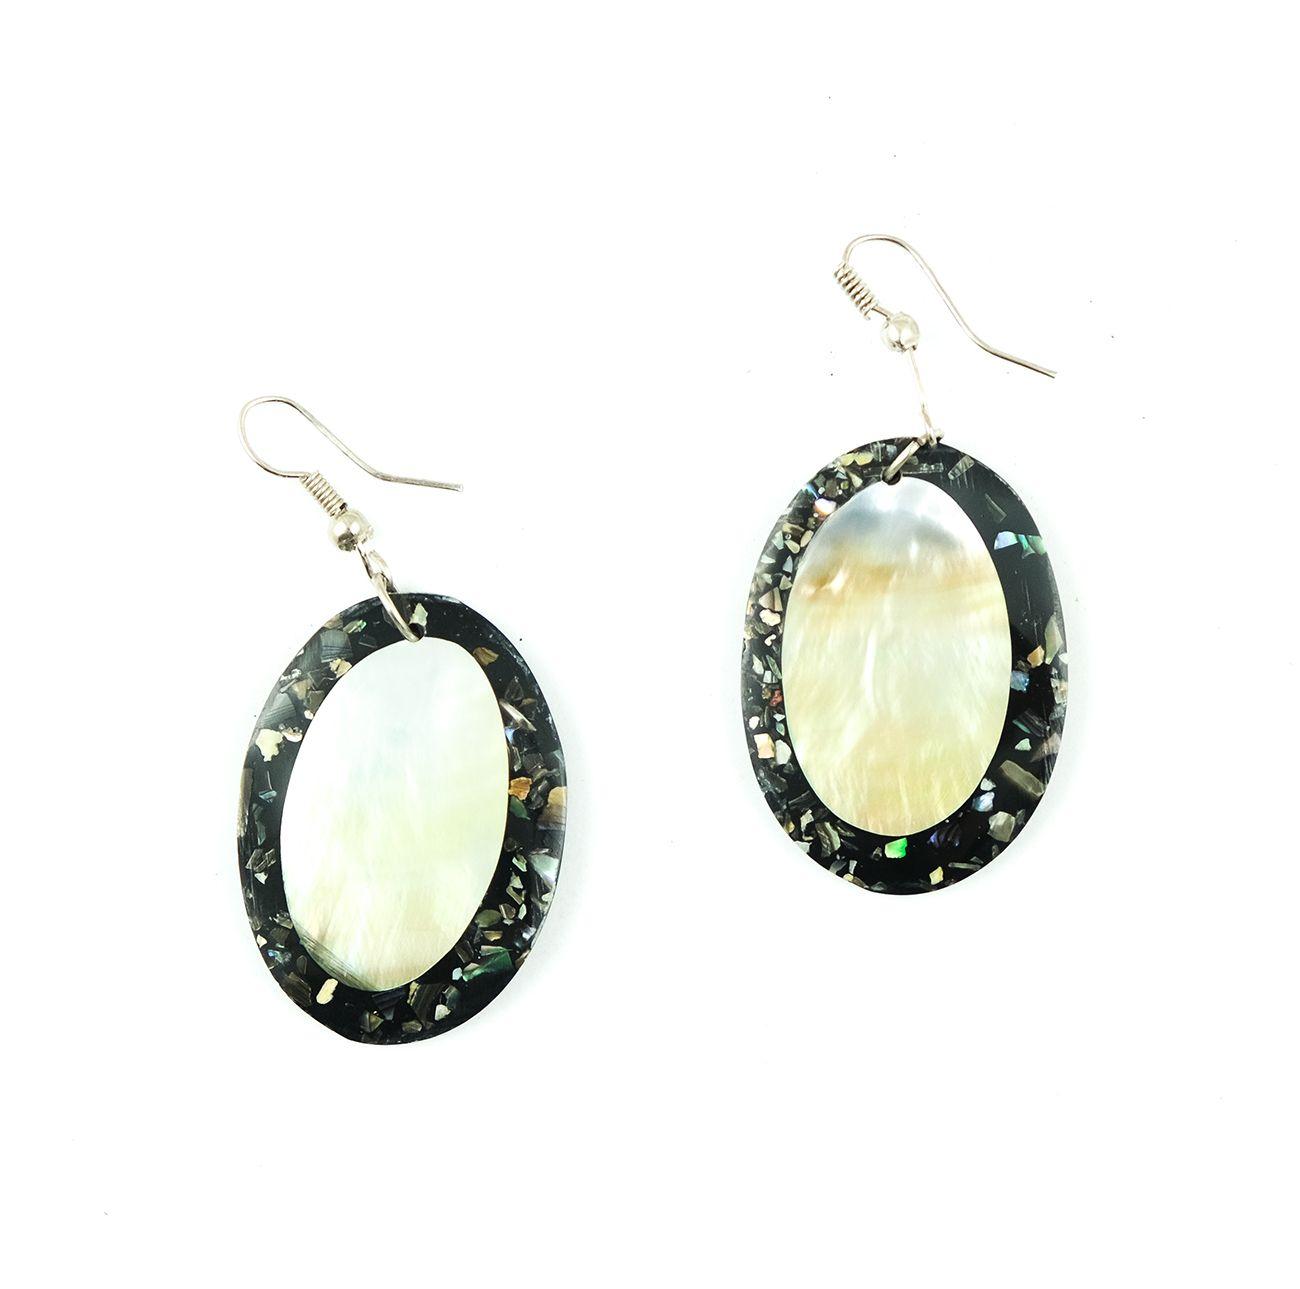 Náušnice - kombinace resin s perletí - IS0011-134